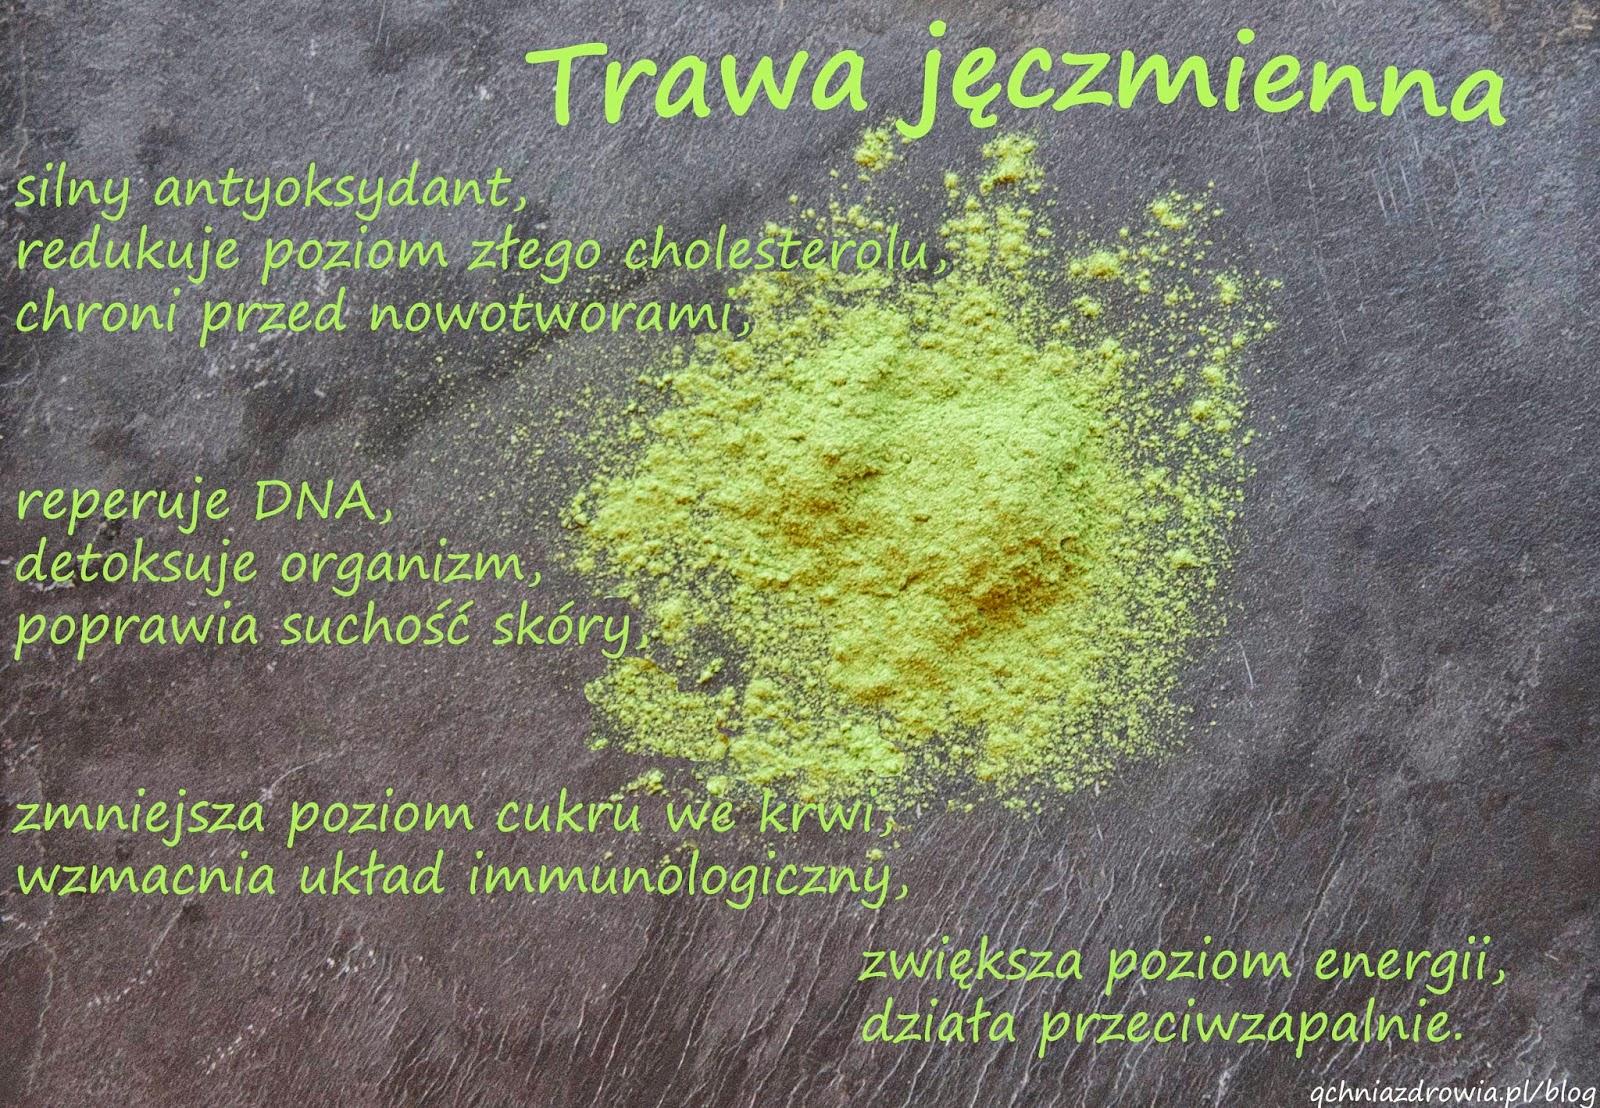 http://qchniazdrowia.pl/blog/blog/2014/10/01/edukacyjna-sroda-mlody-jeczmien/